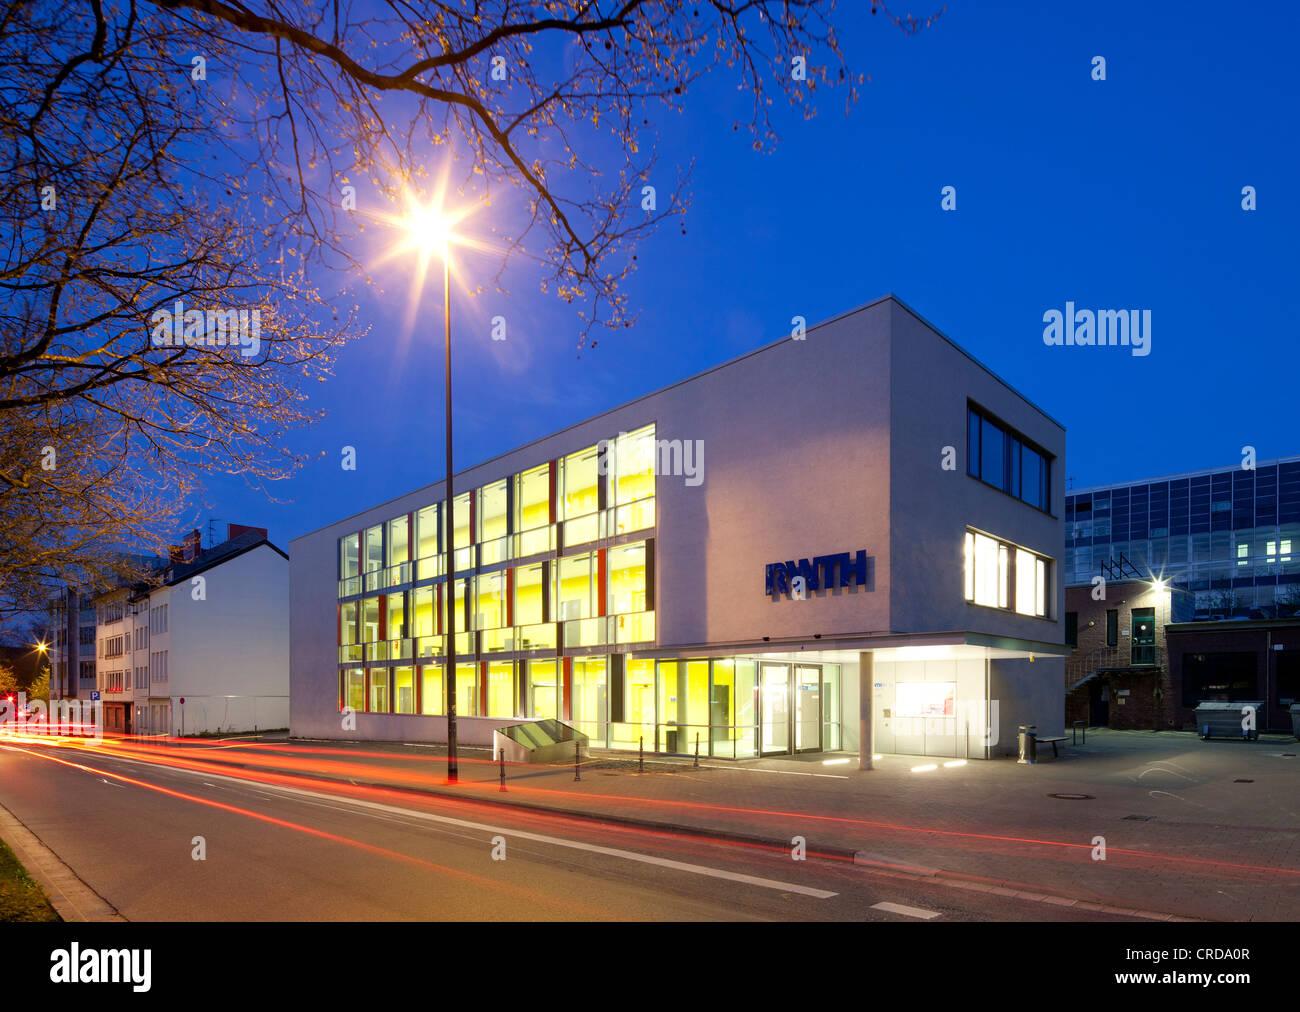 Kletterausrüstung Aachen : Rheinisch deutsch stockfotos & bilder alamy